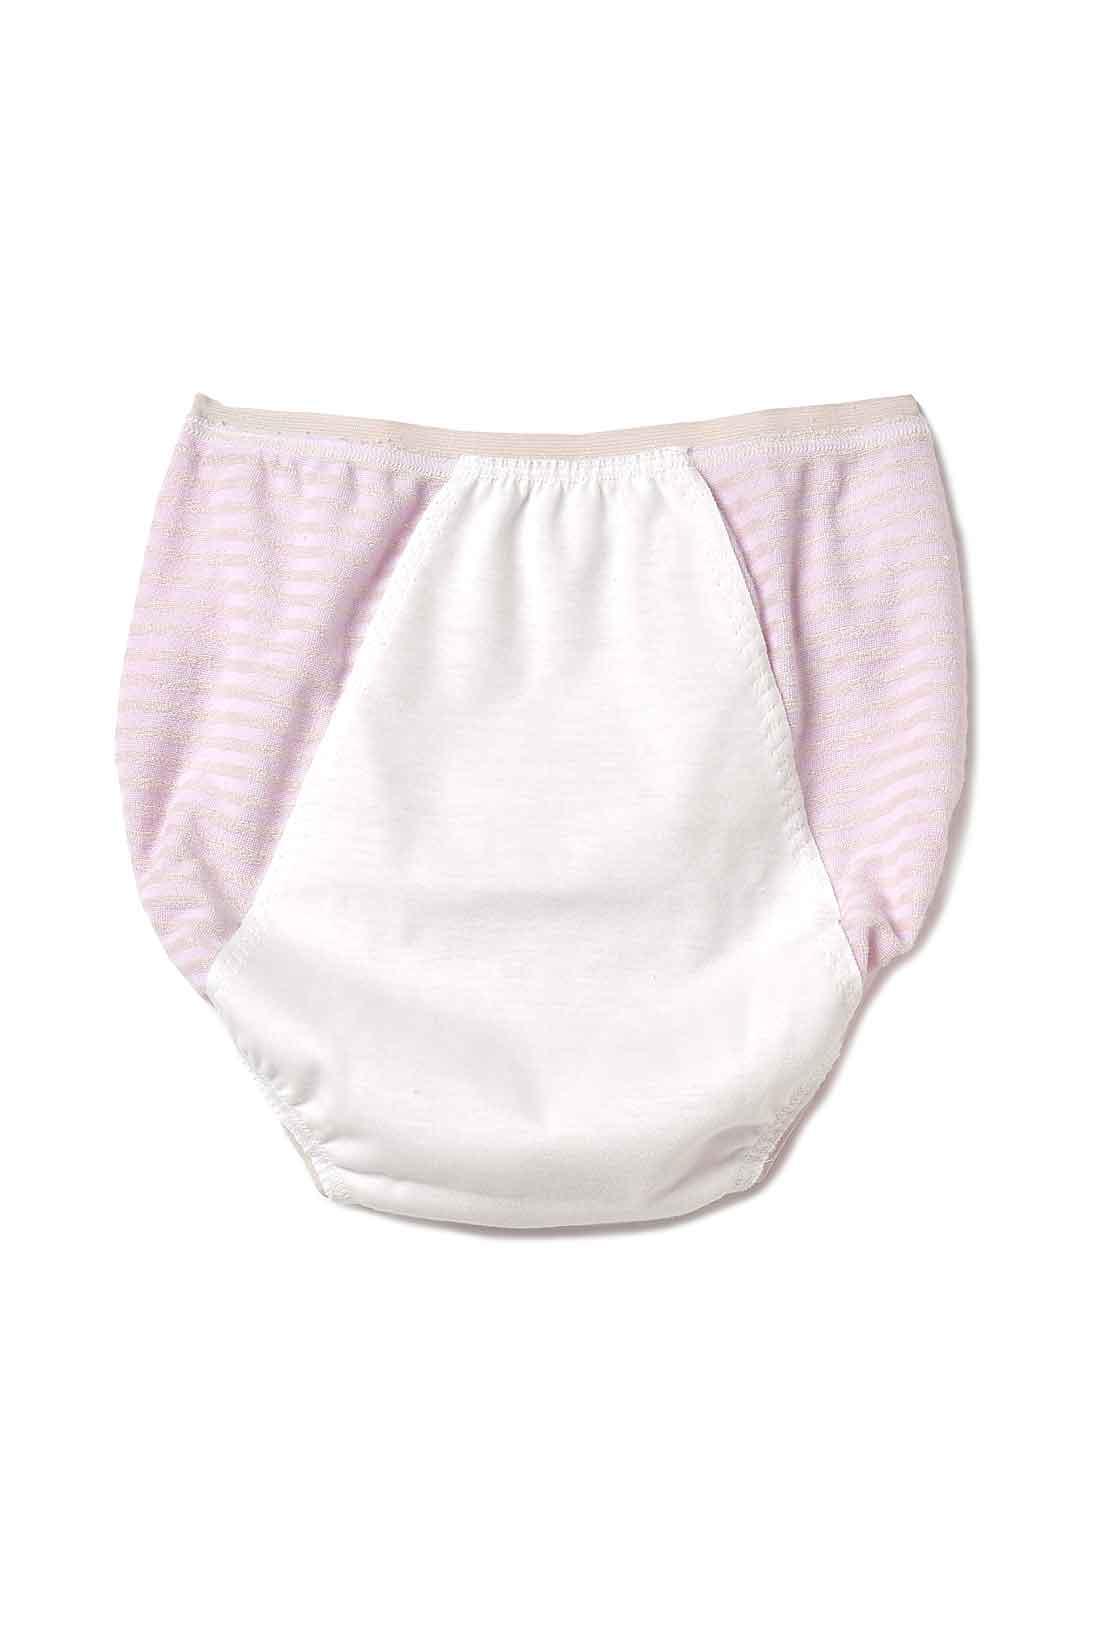 back 肌にやさしい綿素材の防水布でしっかりガード。